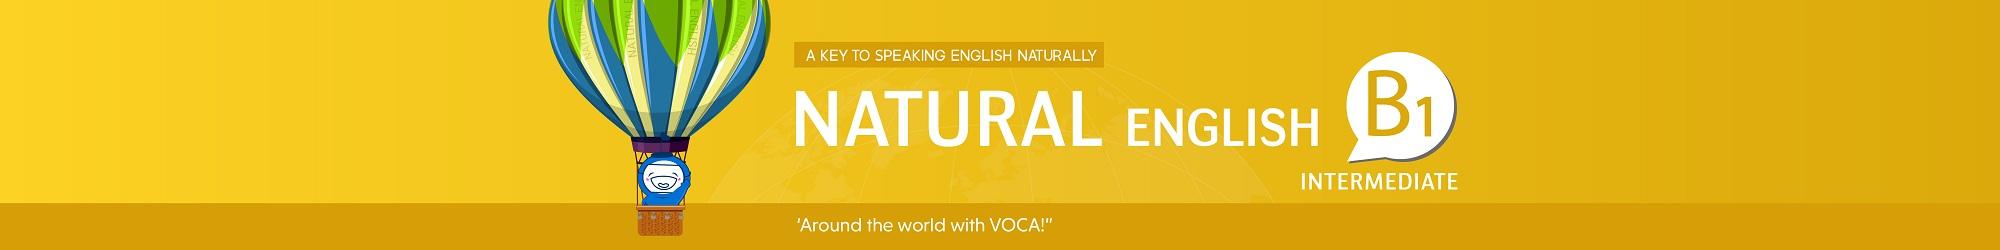 NATURAL ENGLISH B1 (2019) banner